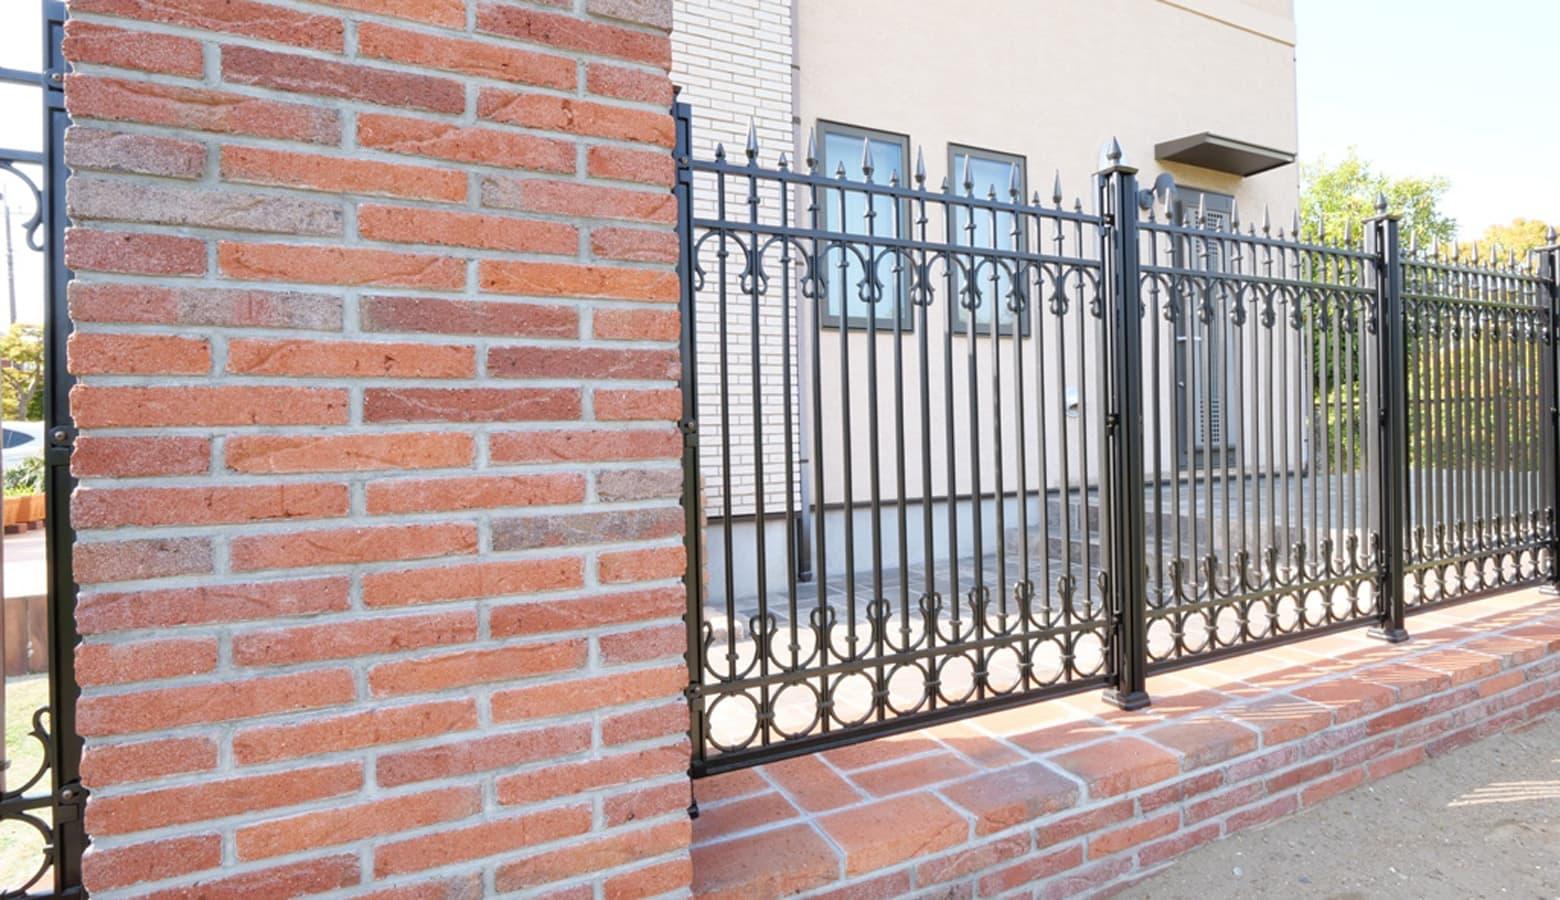 ハーバーブリックとアイアンフェンスを使用した門柱